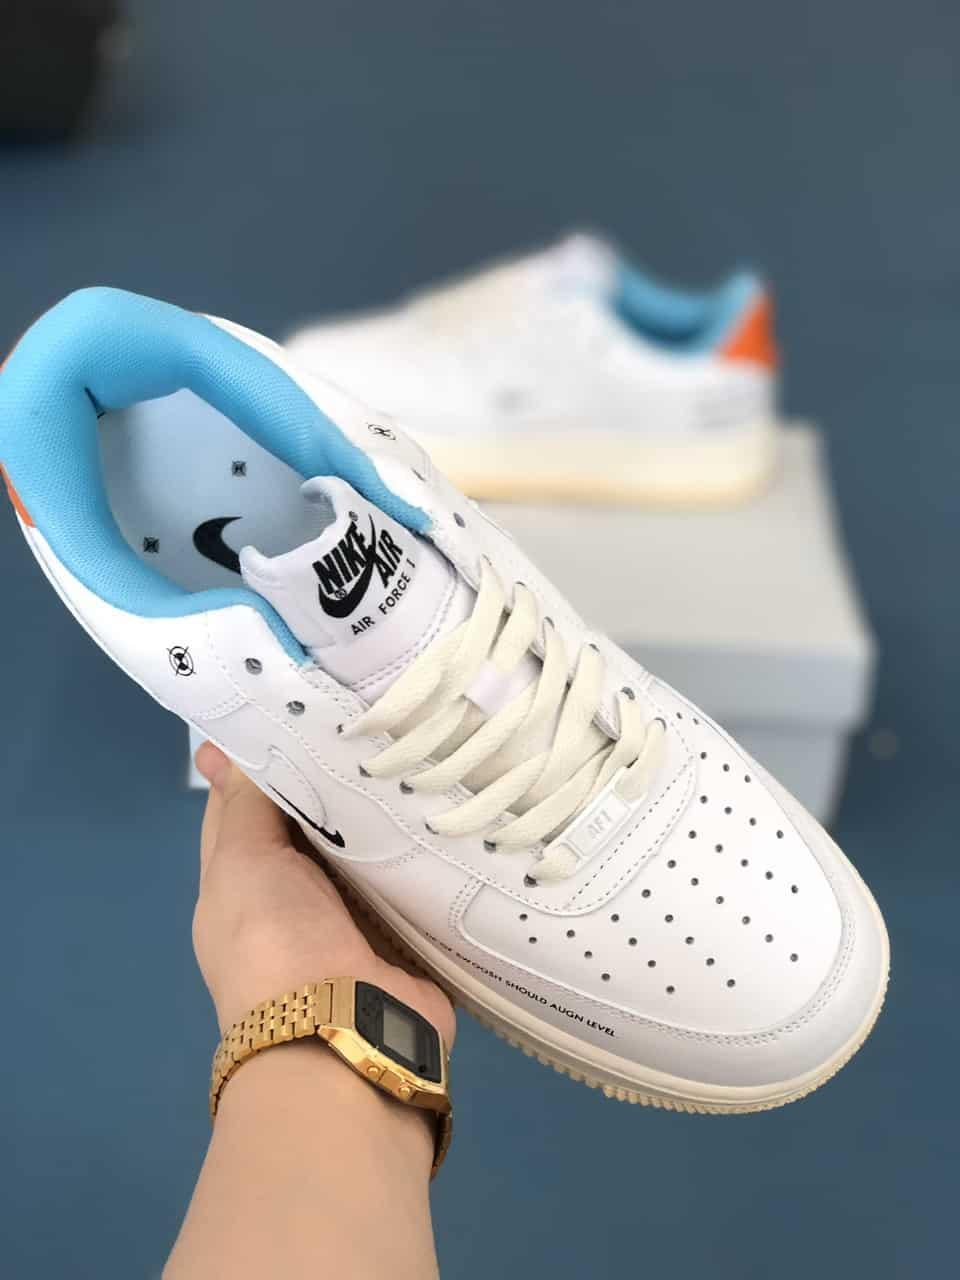 Giày Nike Air Force 1 Off White rep 1:1 là màn collab của 2 thương hiệu nổi tiếng